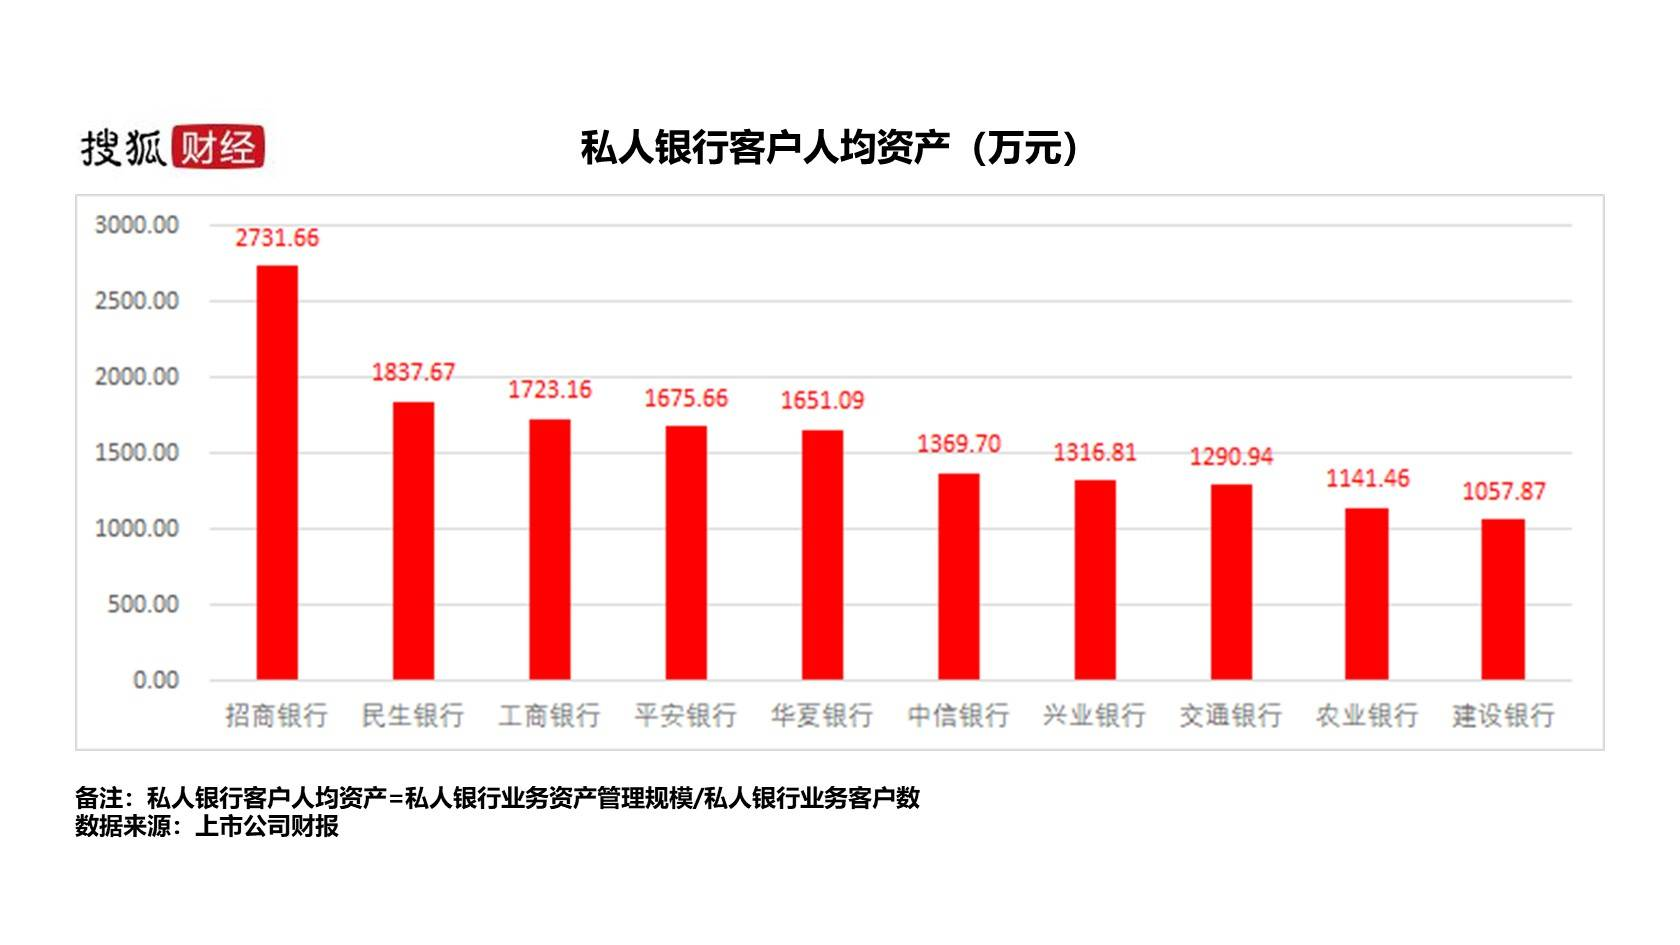 人均资产_资产负债表